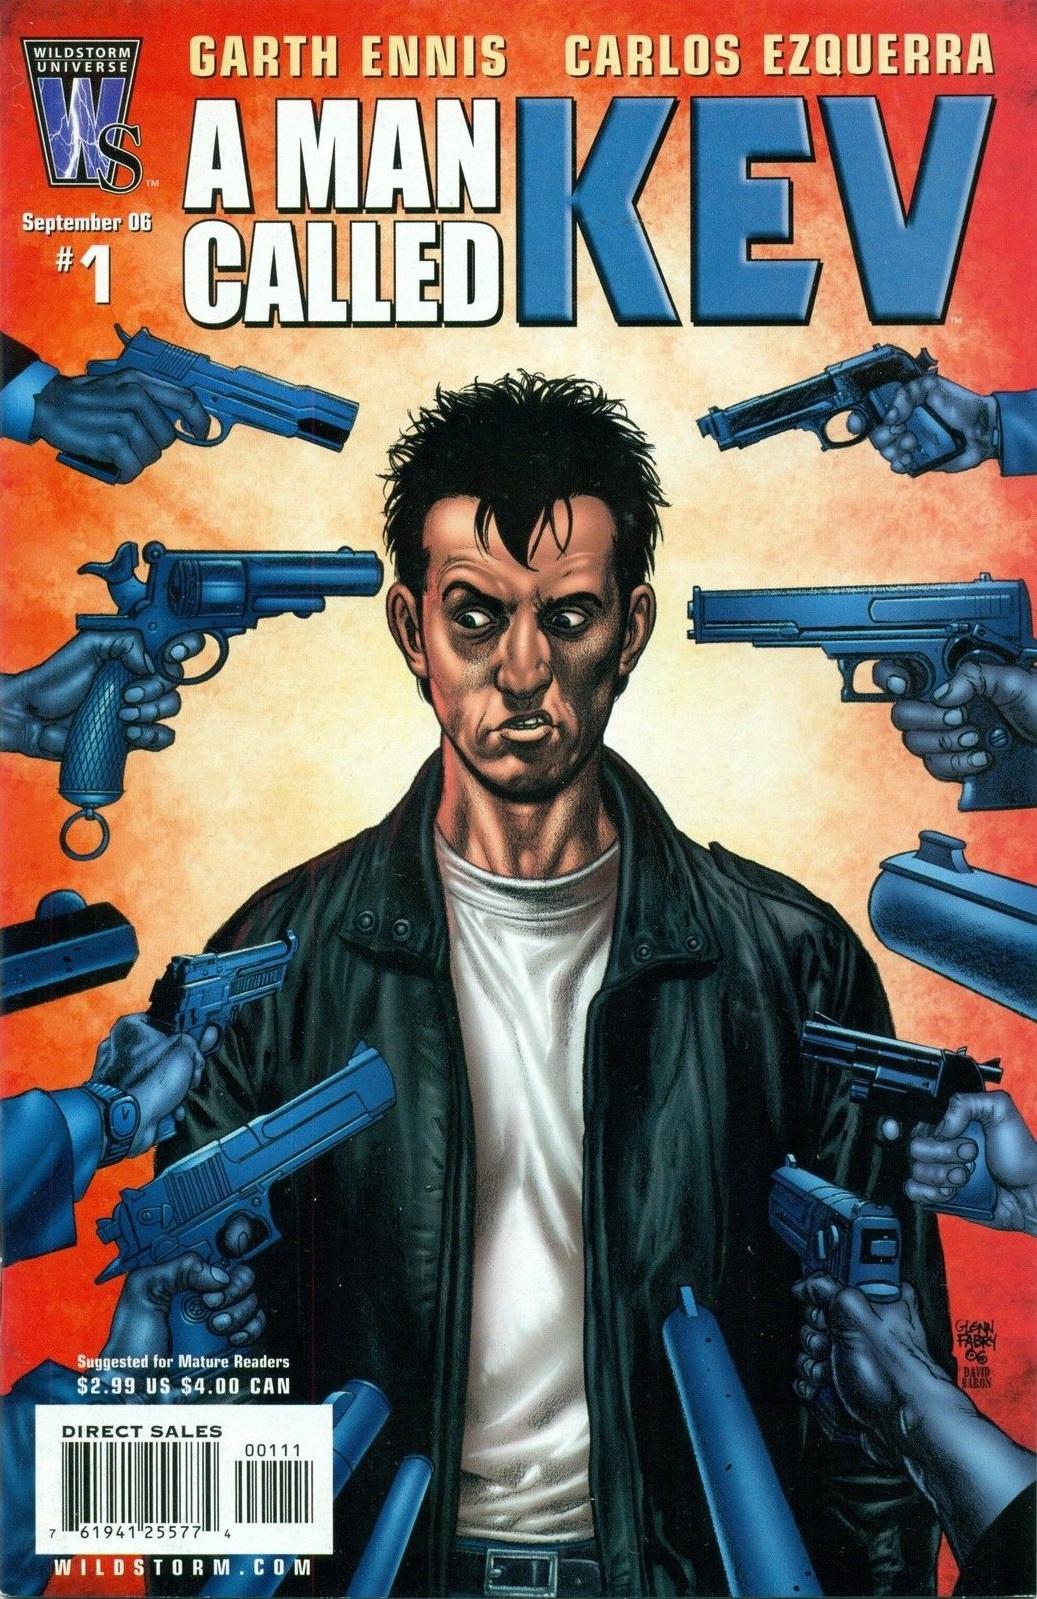 Man Called Kev (2006) Complete Bundle - Used